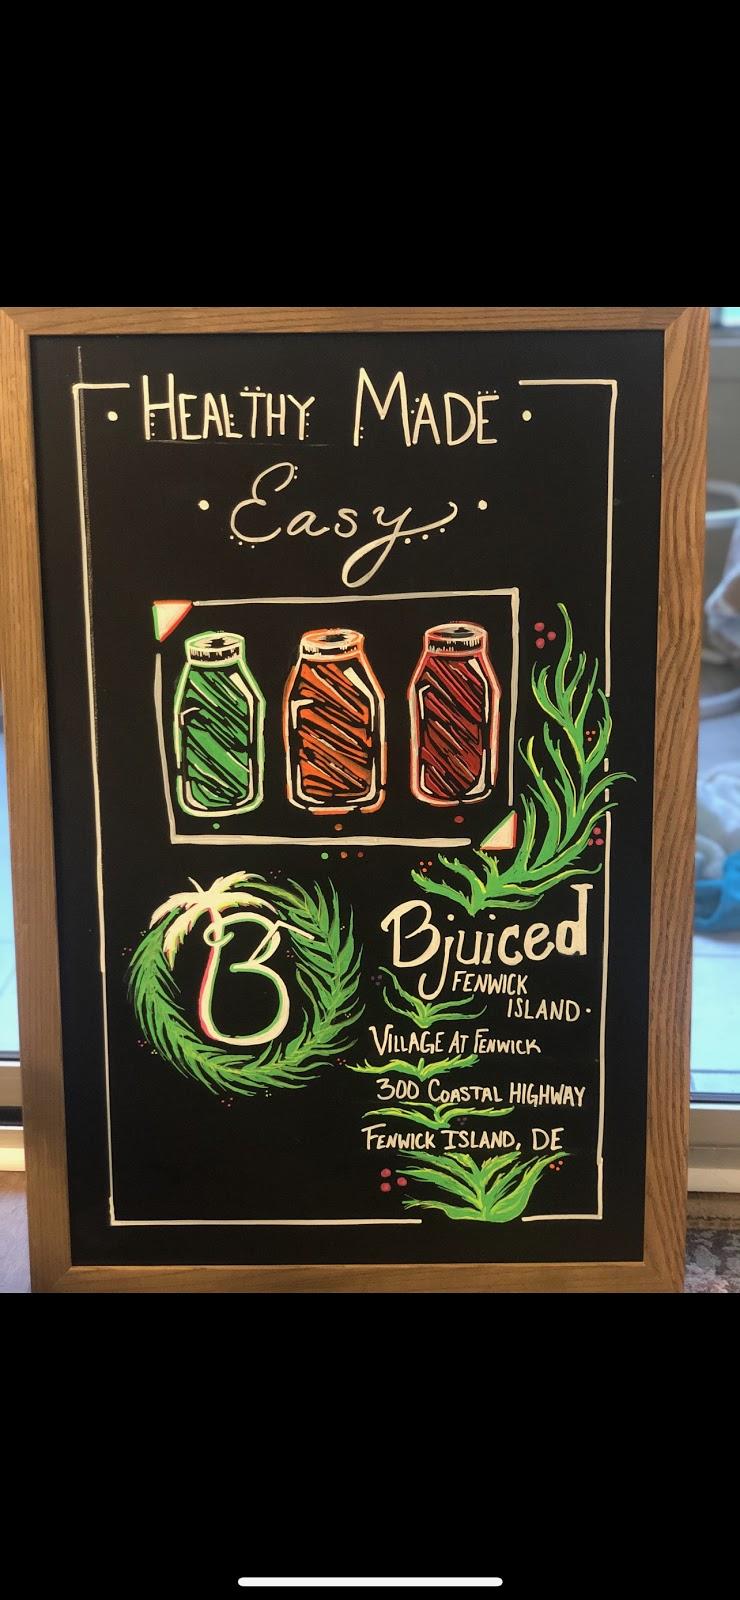 Bjuiced   restaurant   300 Coastal Hwy, Fenwick Island, DE 19944, USA   3022173177 OR +1 302-217-3177